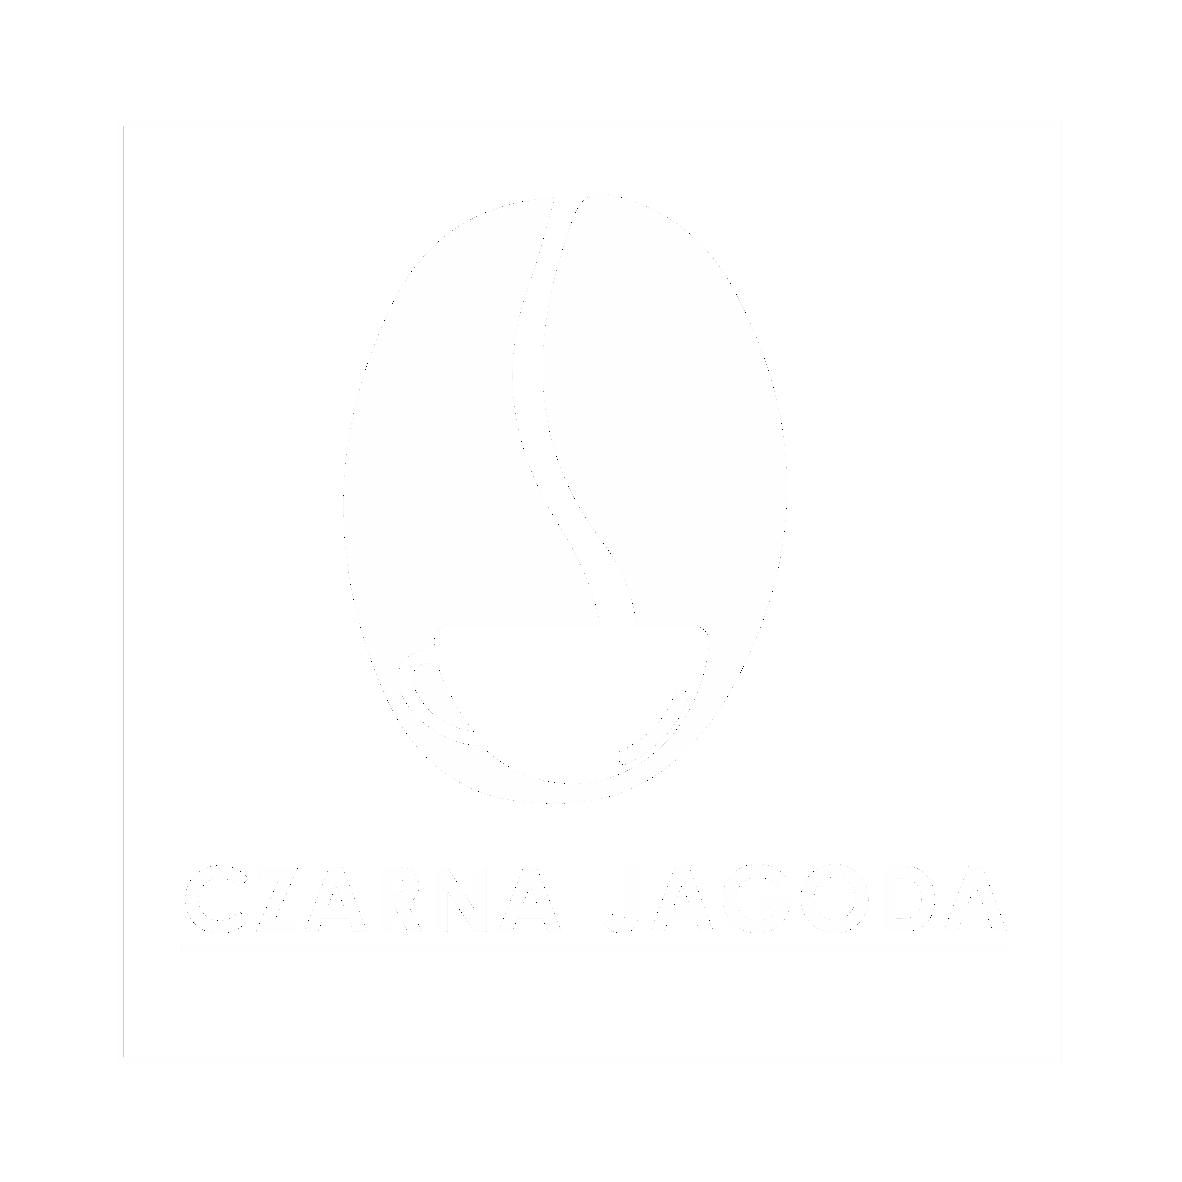 czarna jagoda.png